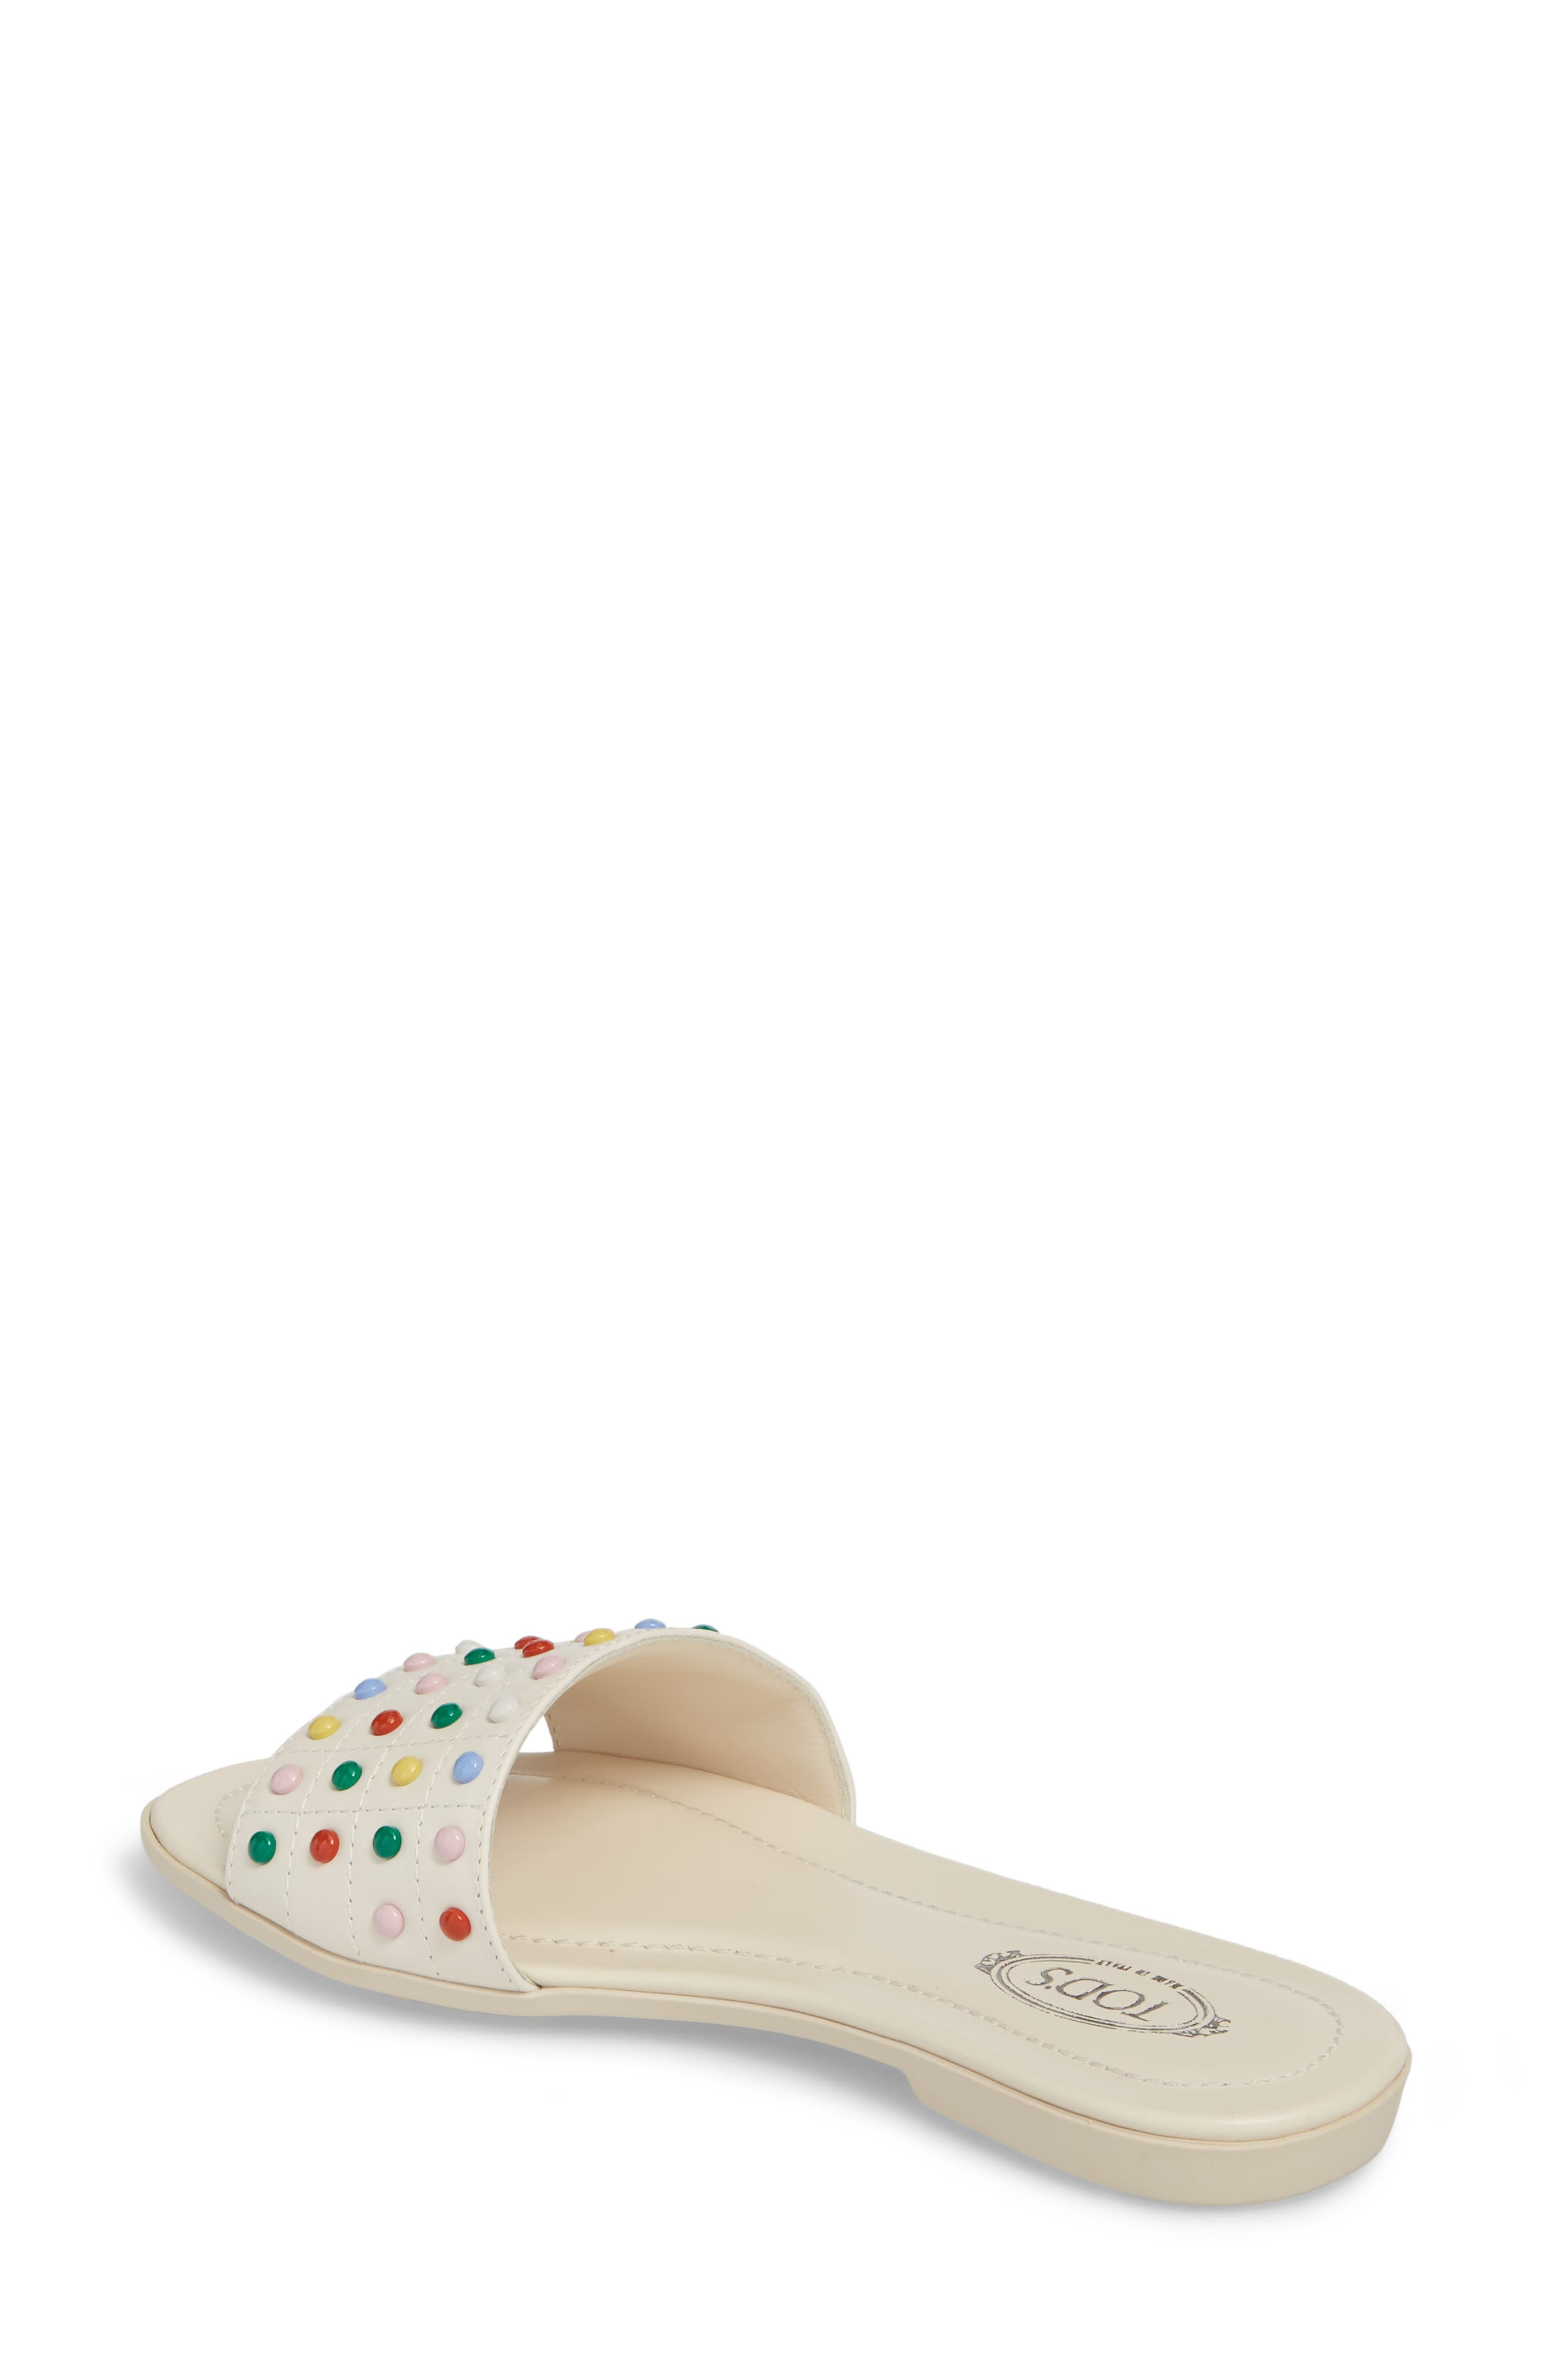 Gommini Slide Sandal,                             Alternate thumbnail 6, color,